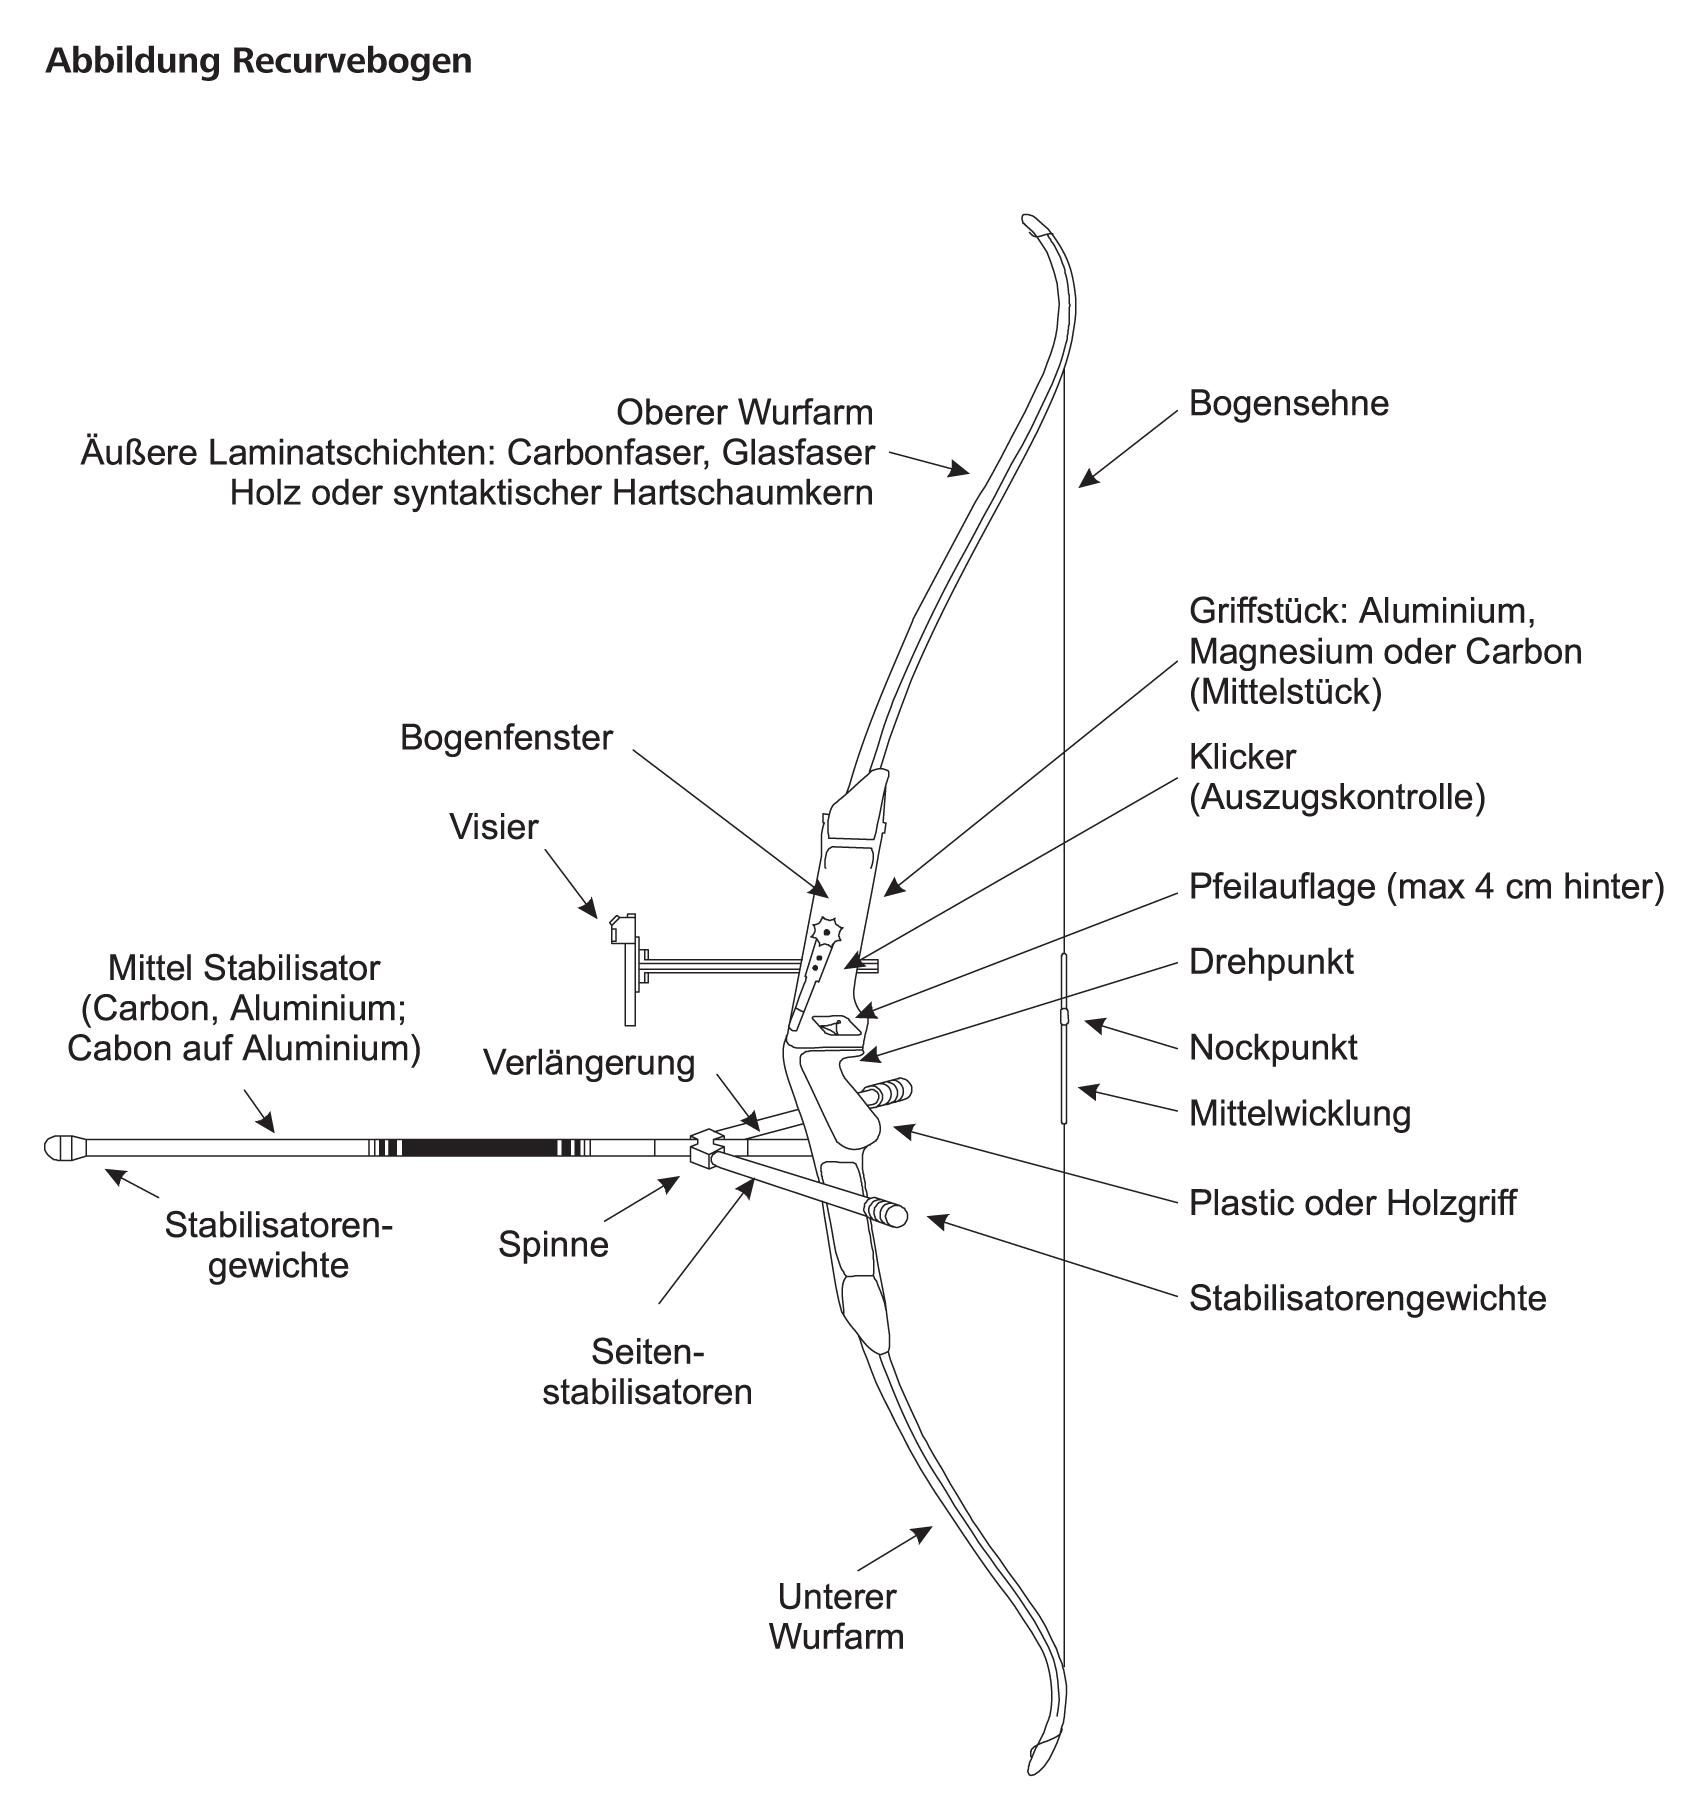 Abbildung Recurvebogen